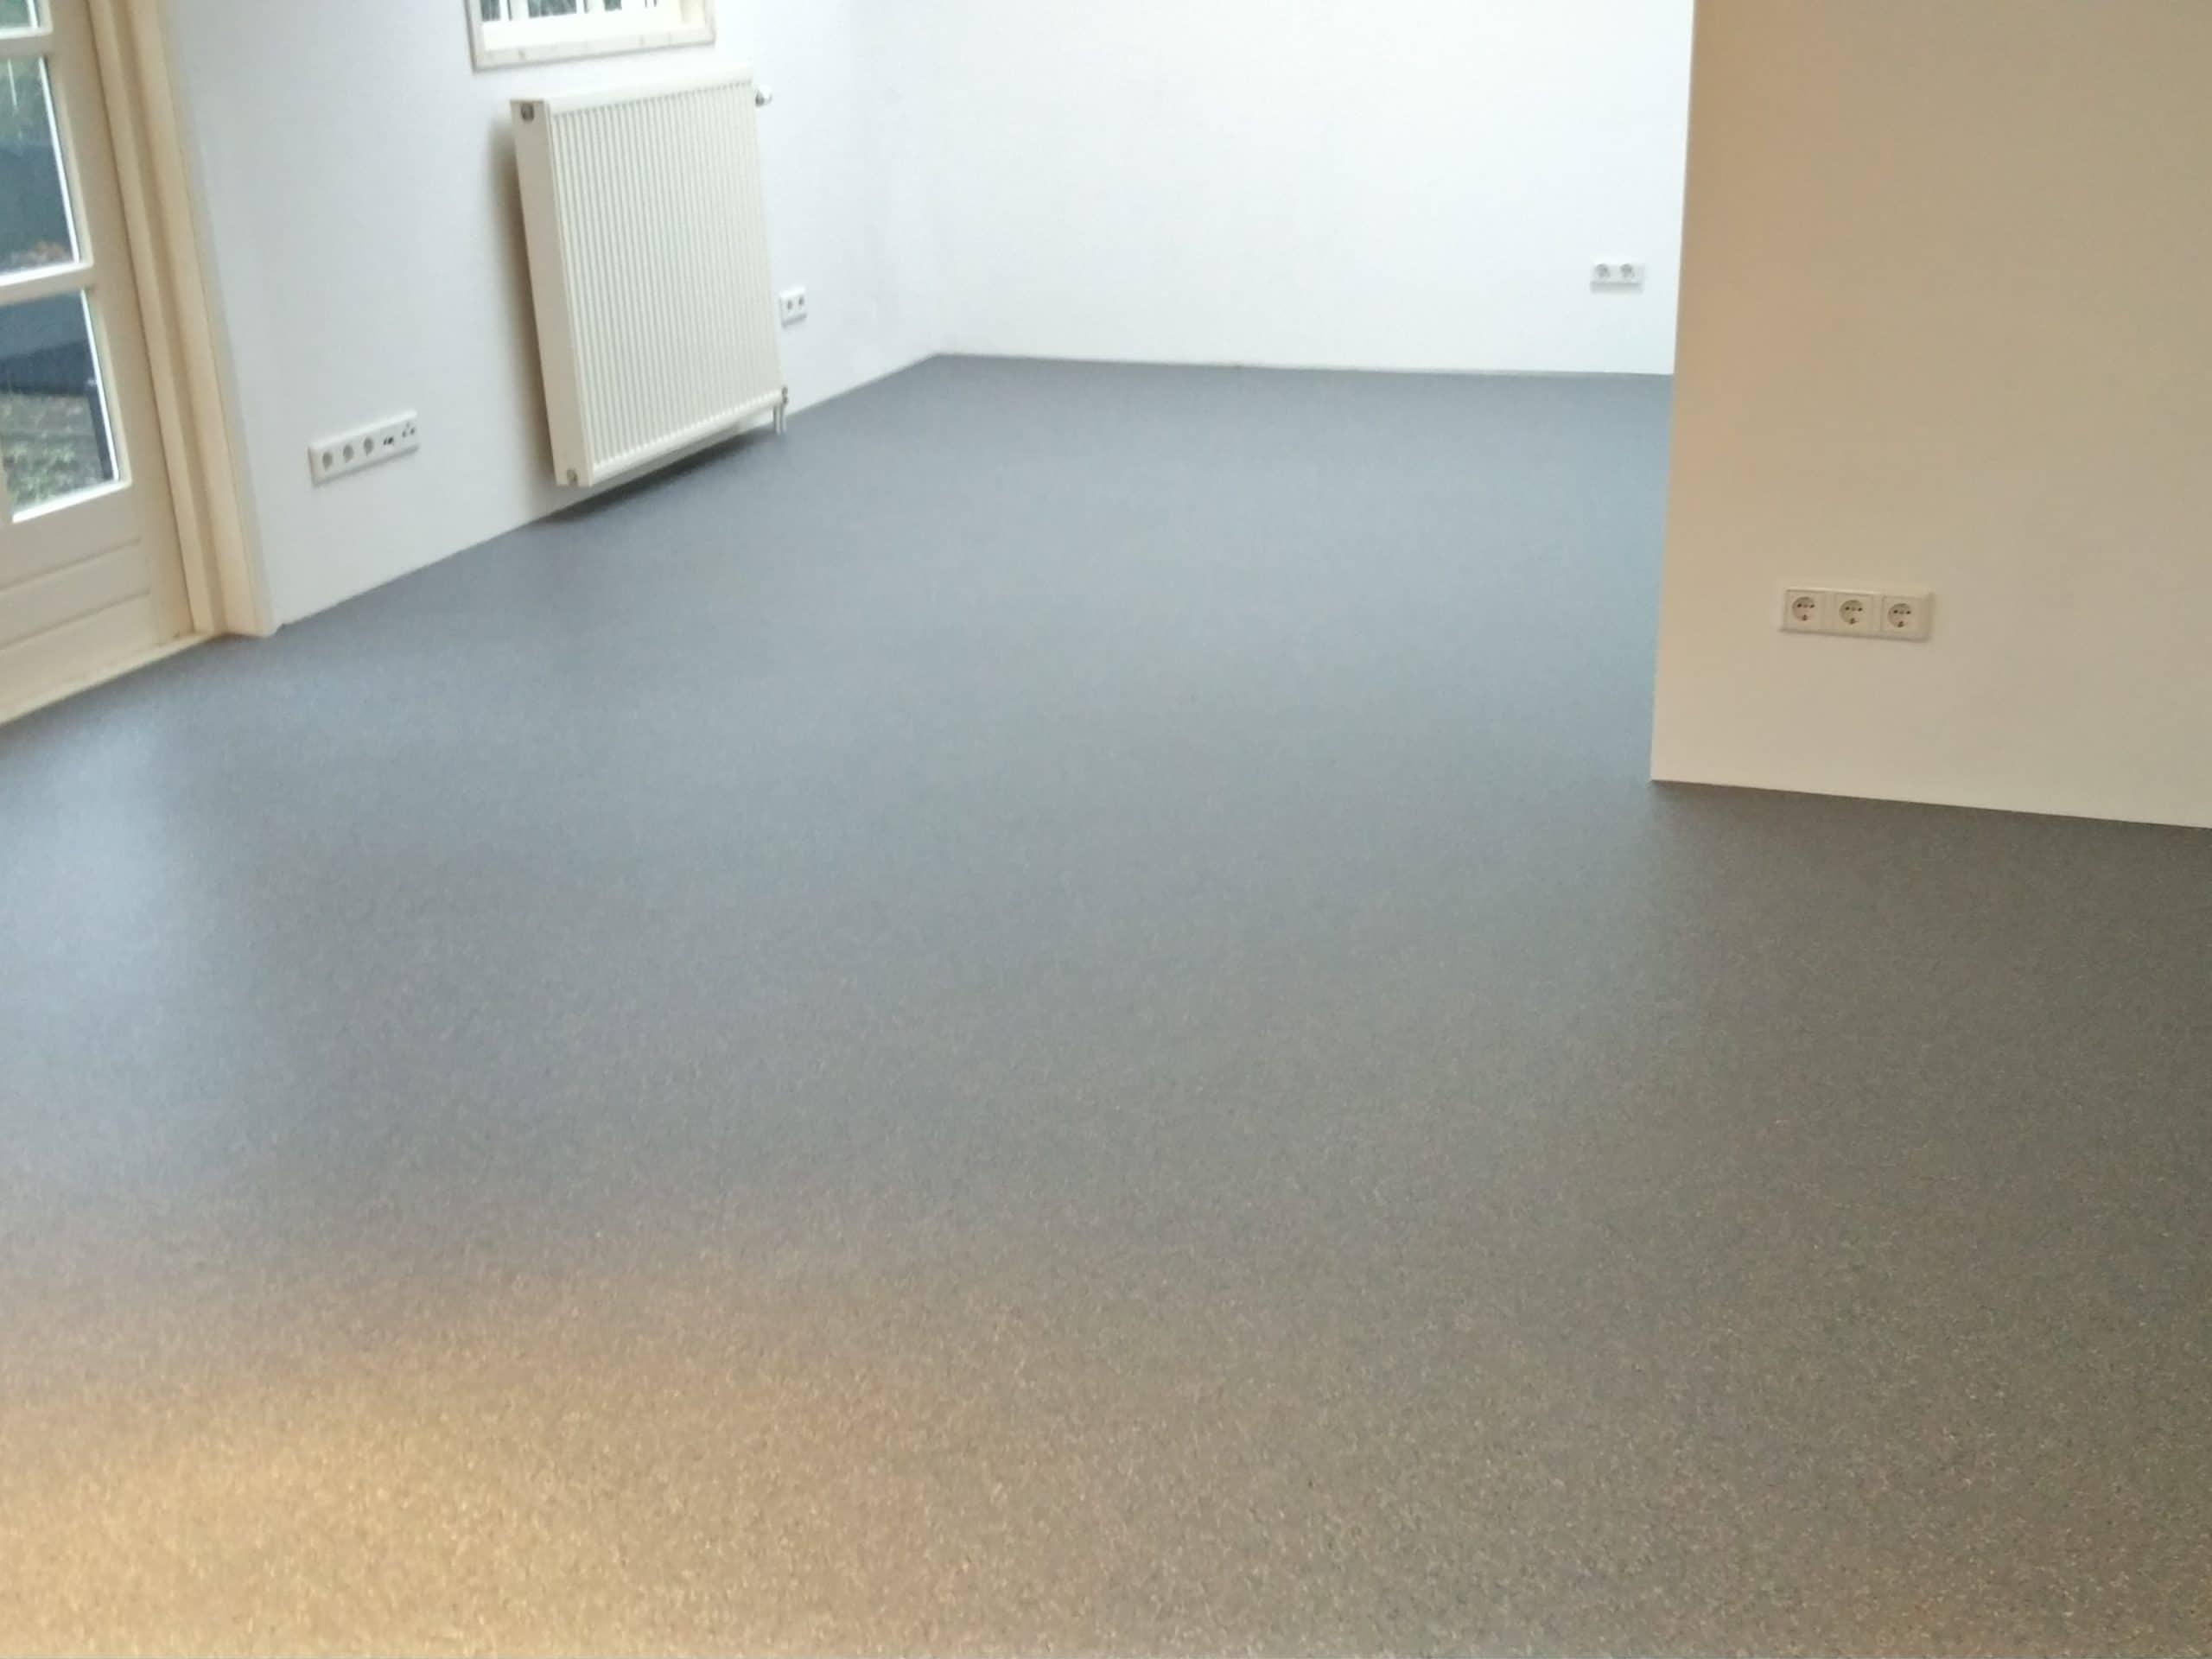 Troffelvloer In Badkamer : Gietvloeren nijssen vloeren